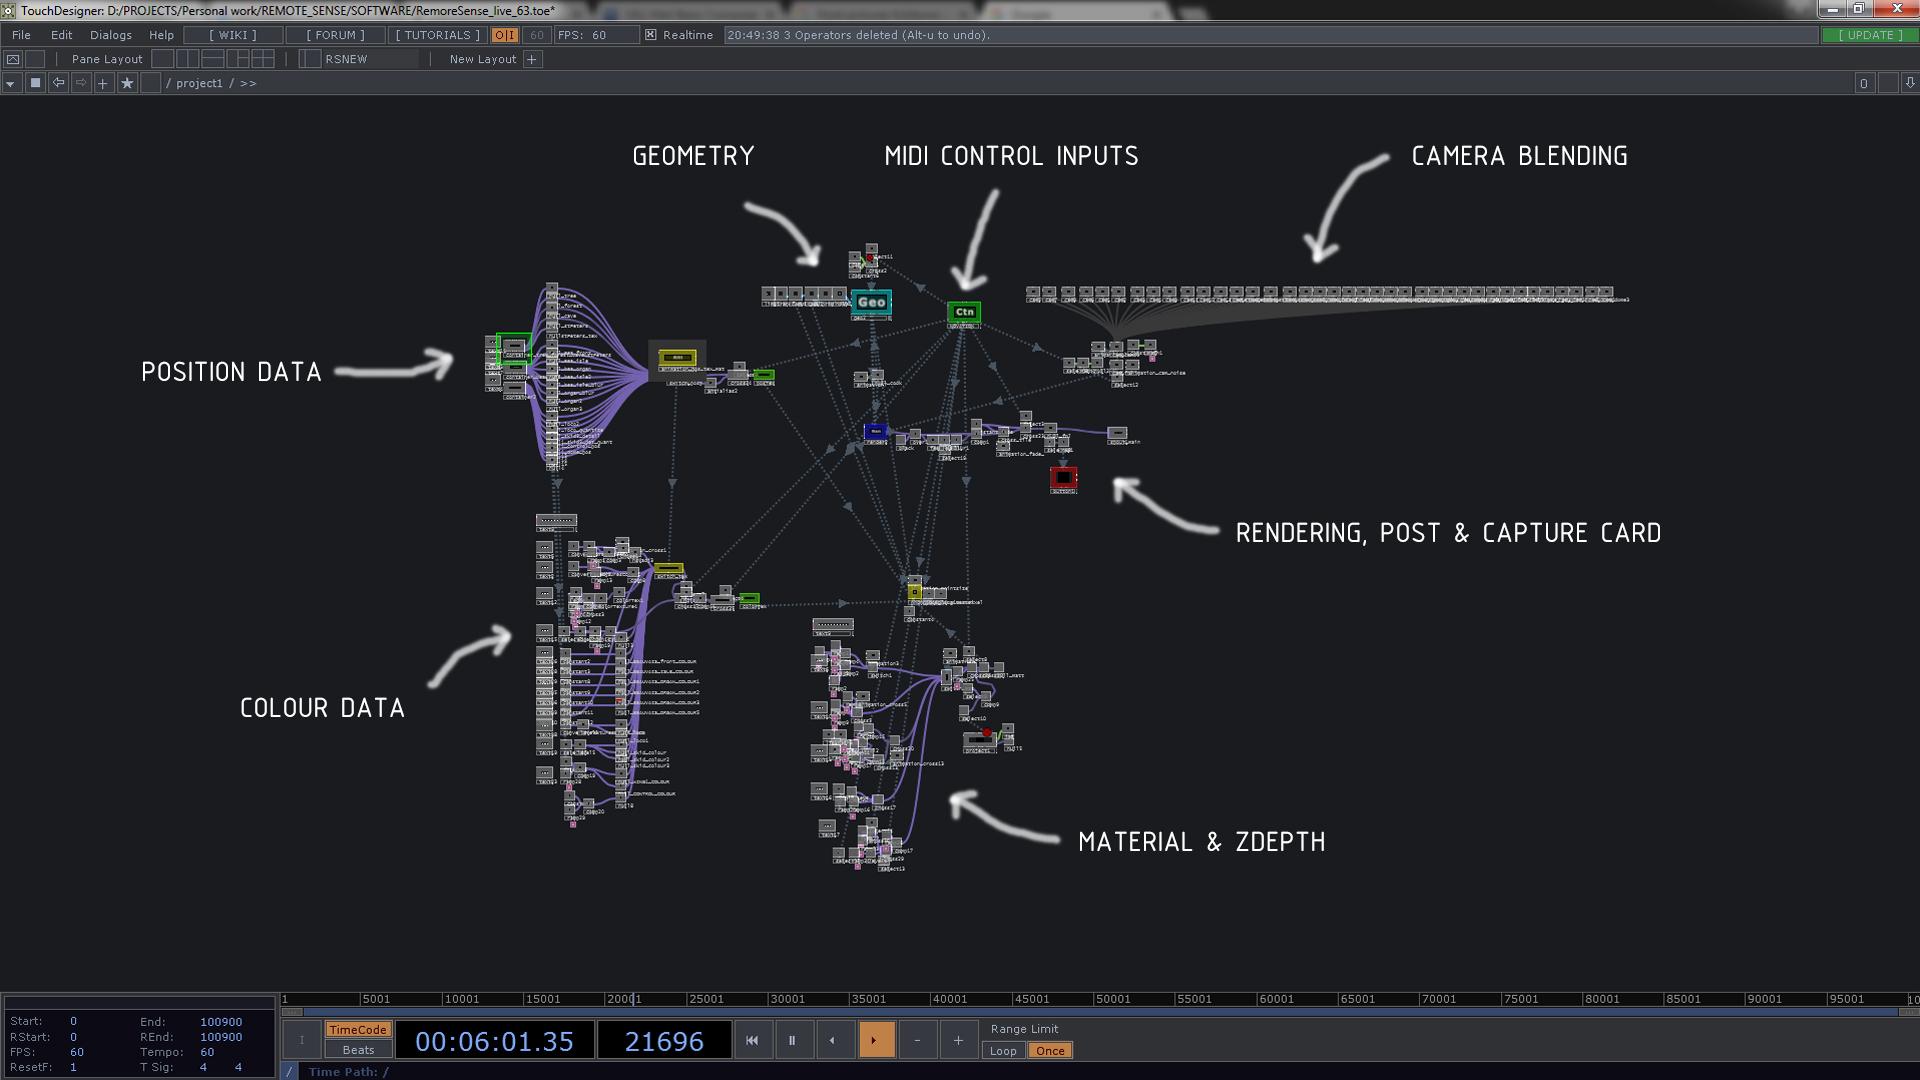 remotesense_network_0.jpg